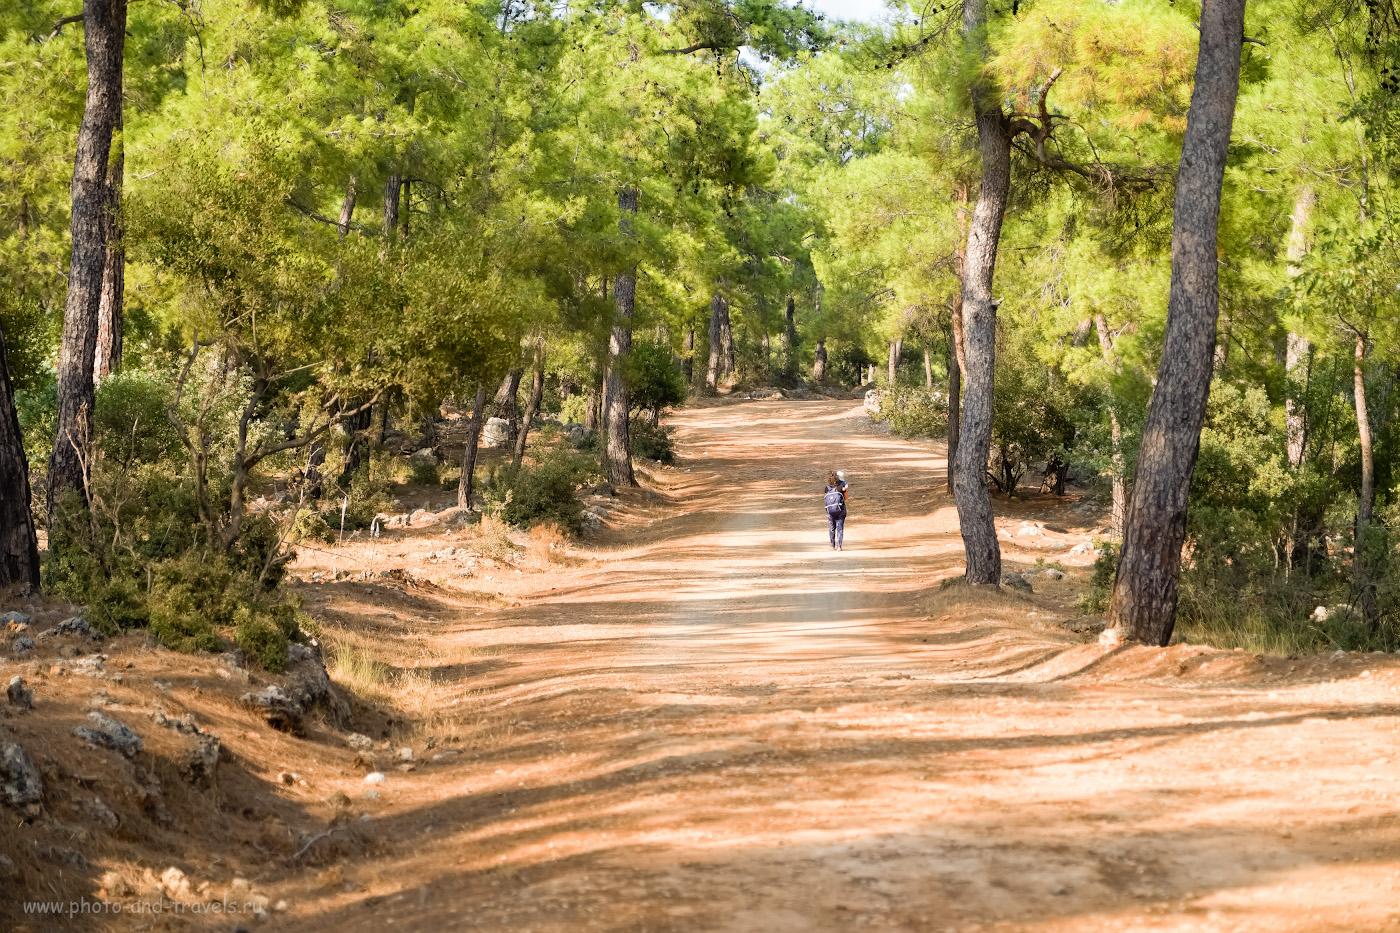 20. Не все экскурсанты готовы часами по турецким лесам. 1/300, 2.8, 200, +0.33, 55.